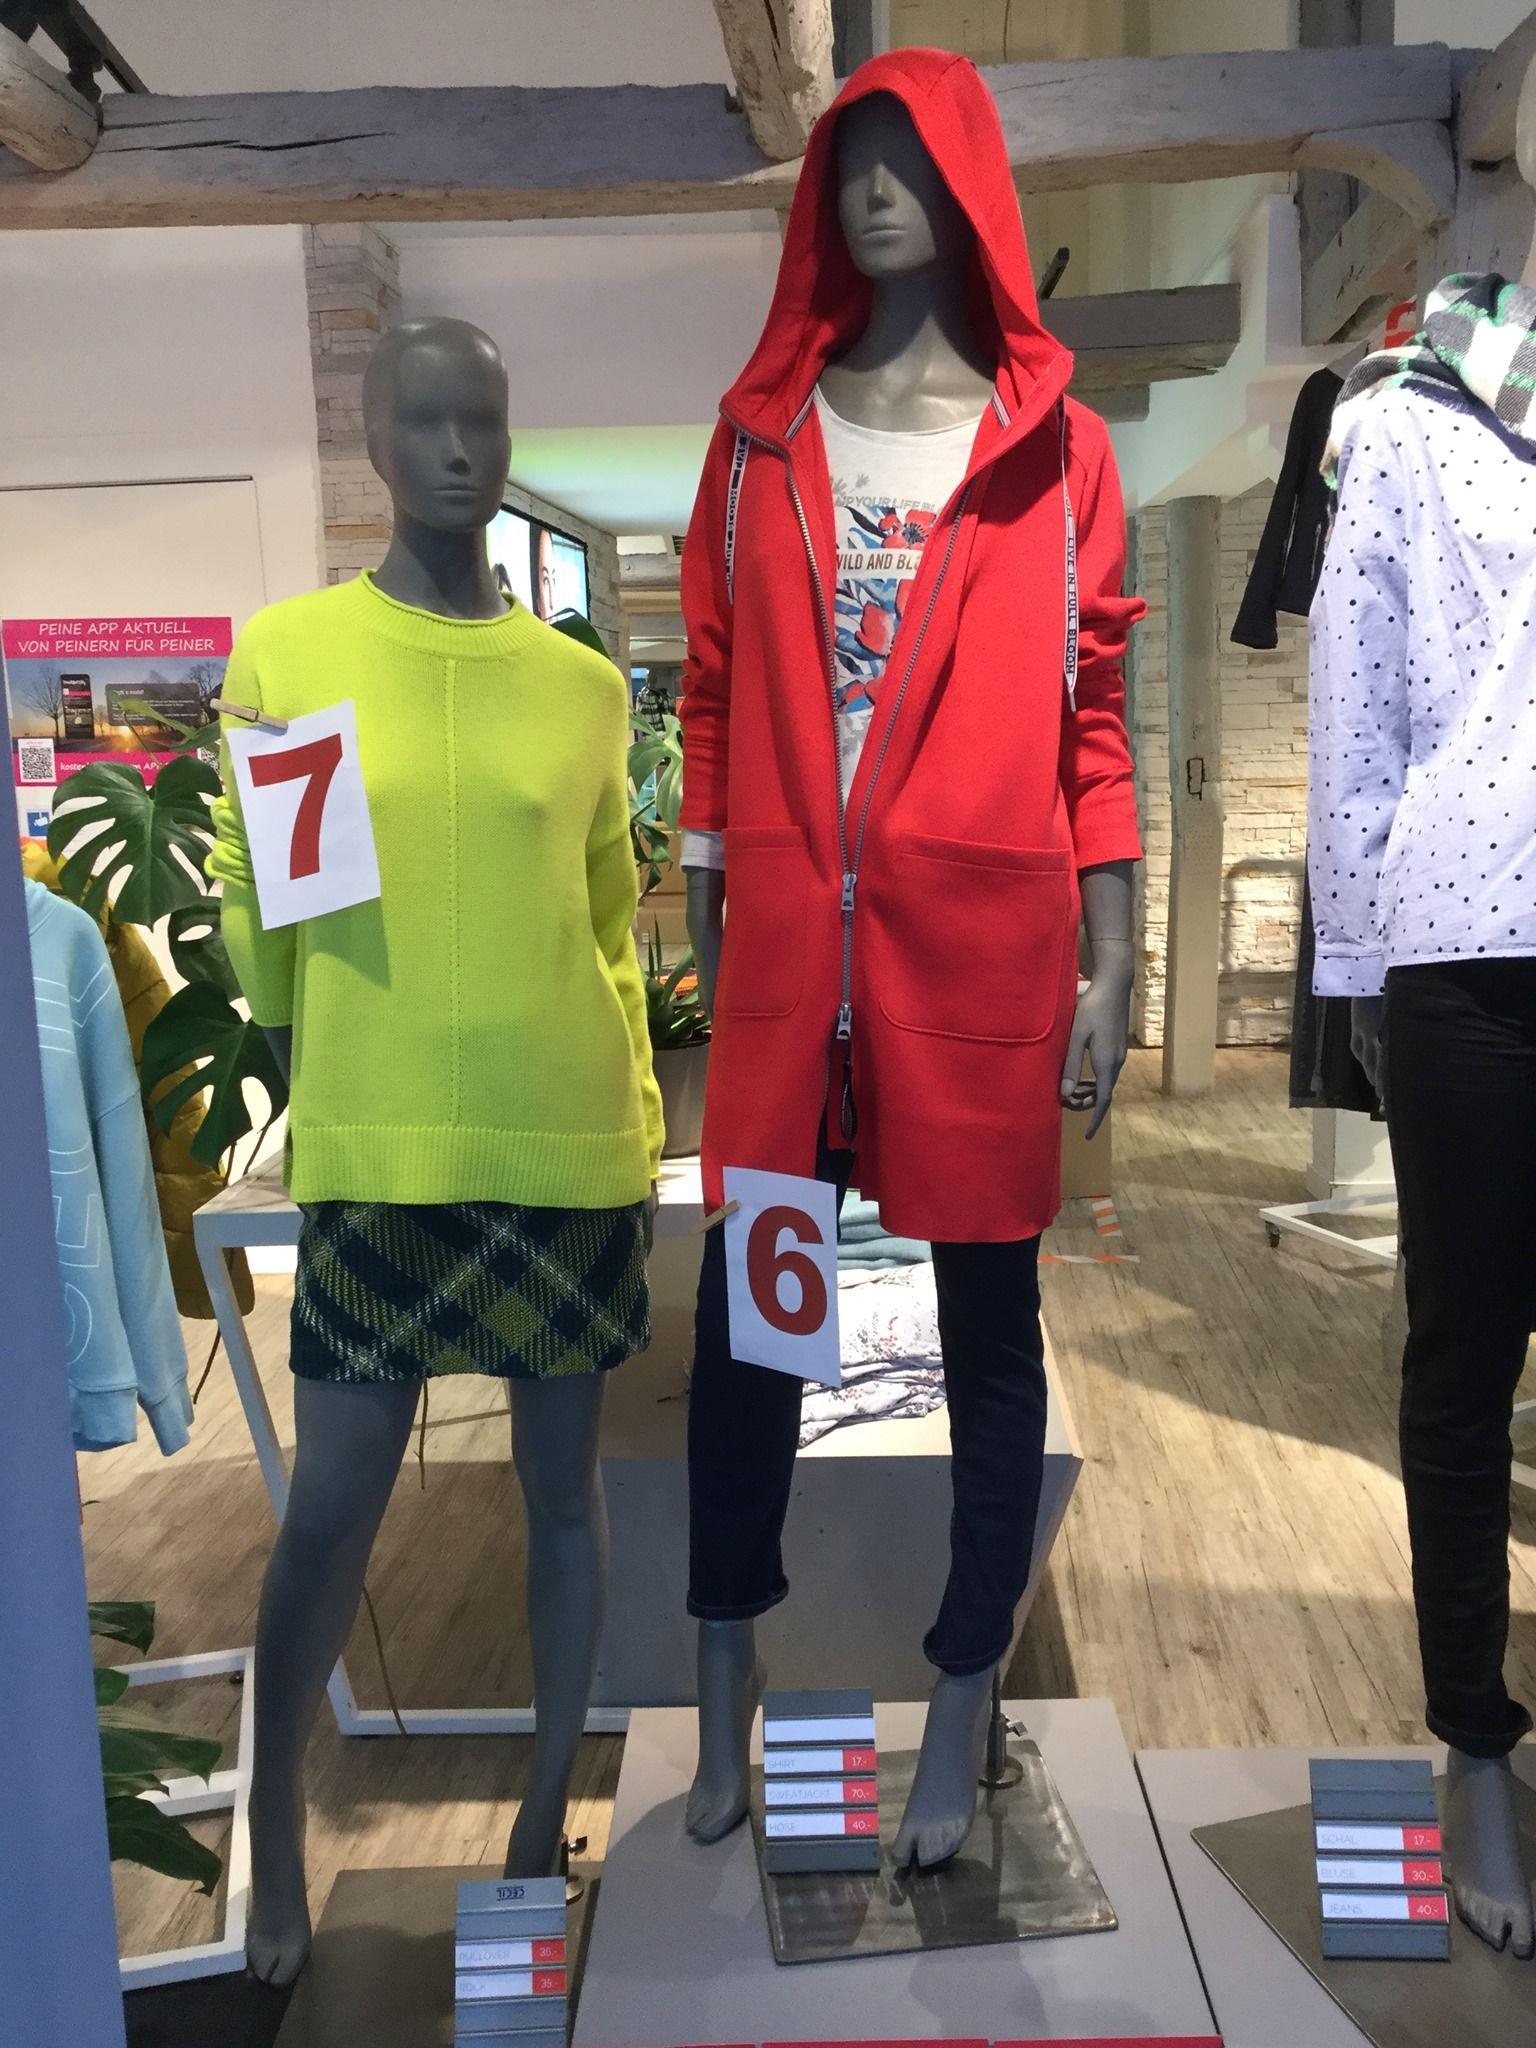 SHOPPING - MODE - SCHUHE - Shopping-Mode-Schuhe